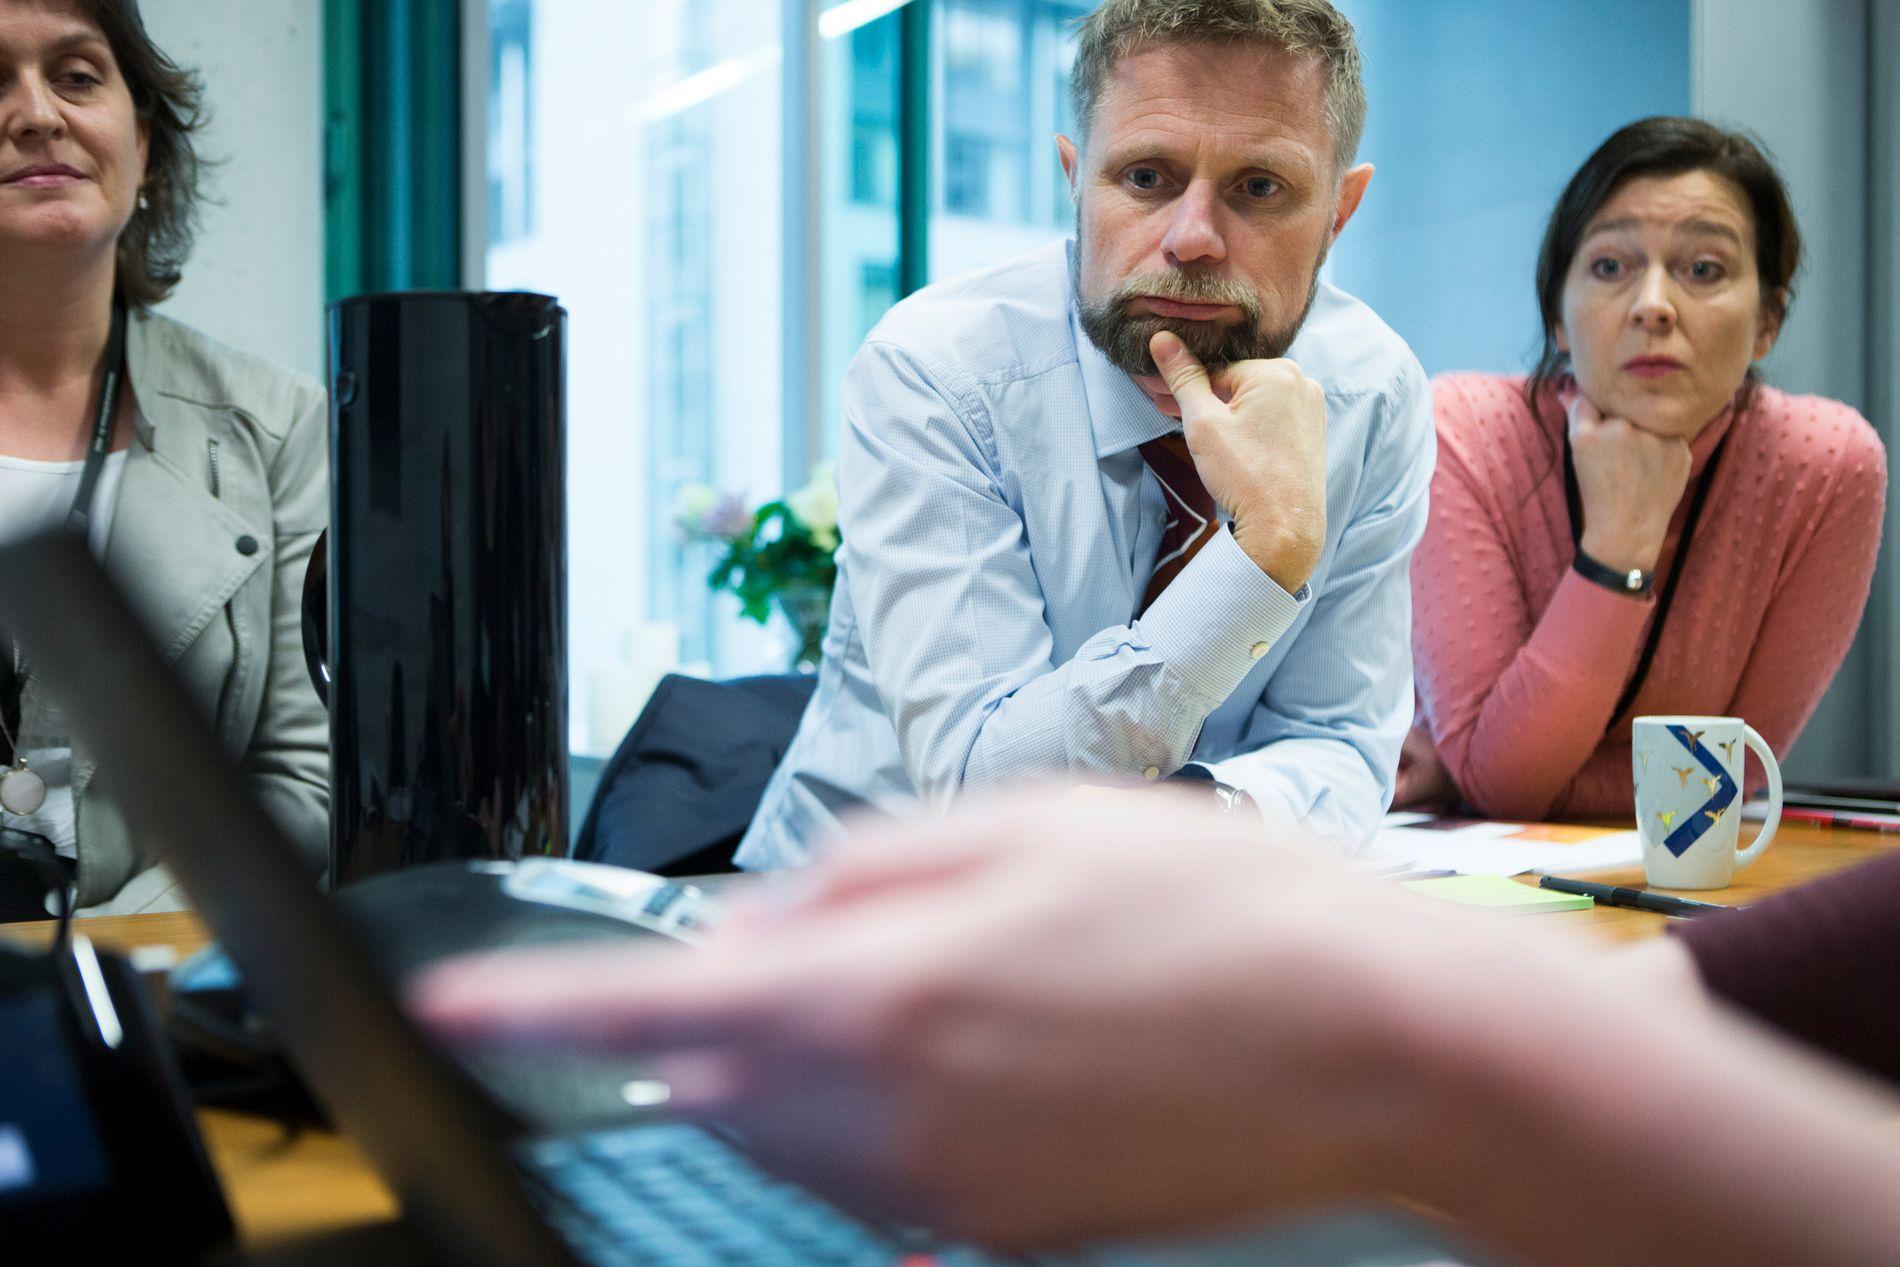 STATSRÅD: Helseminister Bent Høie (H) får presentert VGs avsløring. Til venstre sitter Marianne Sælen, seniorrådgiver i helserettsavdelingen. Til høyre er Jorunn Litland, seniorrådgiver i kommunikasjonsavdelingen ved Helse- og omsorgsdepartementet.